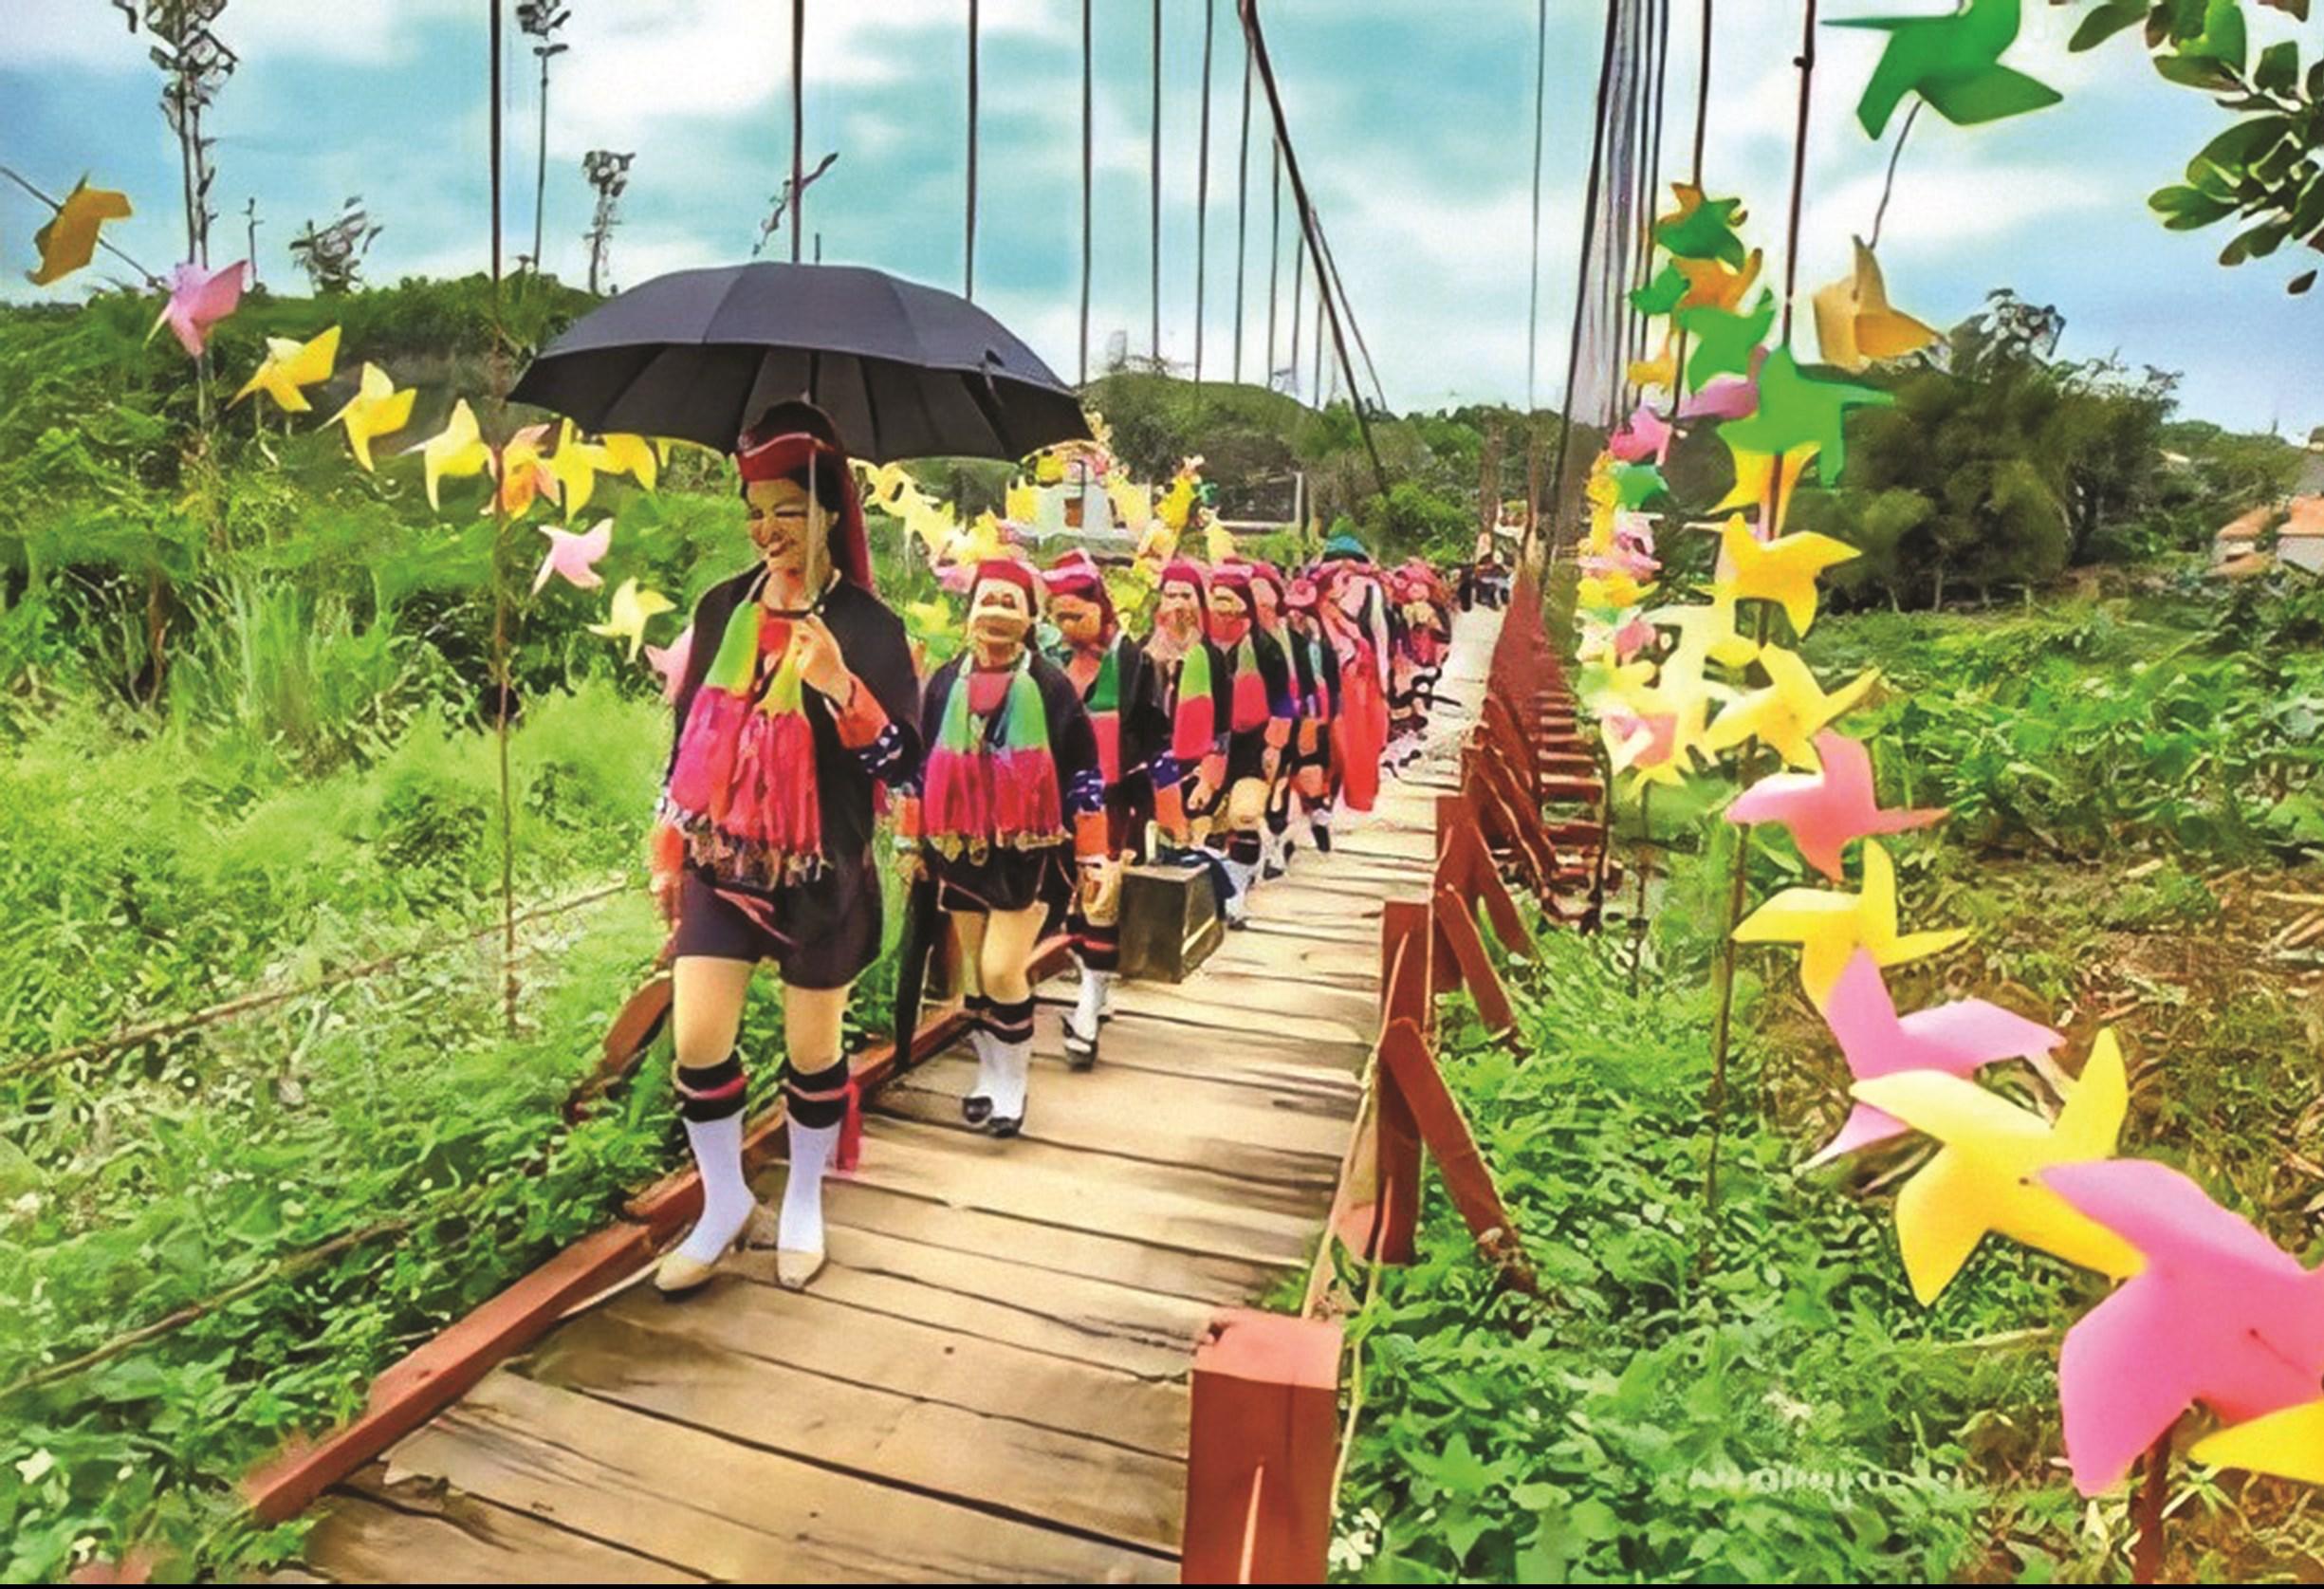 Trang phục truyền thống, văn hoá dân tộc Dao được chị Tằng Liên lưu giữ qua các video đăng trên Youtube.